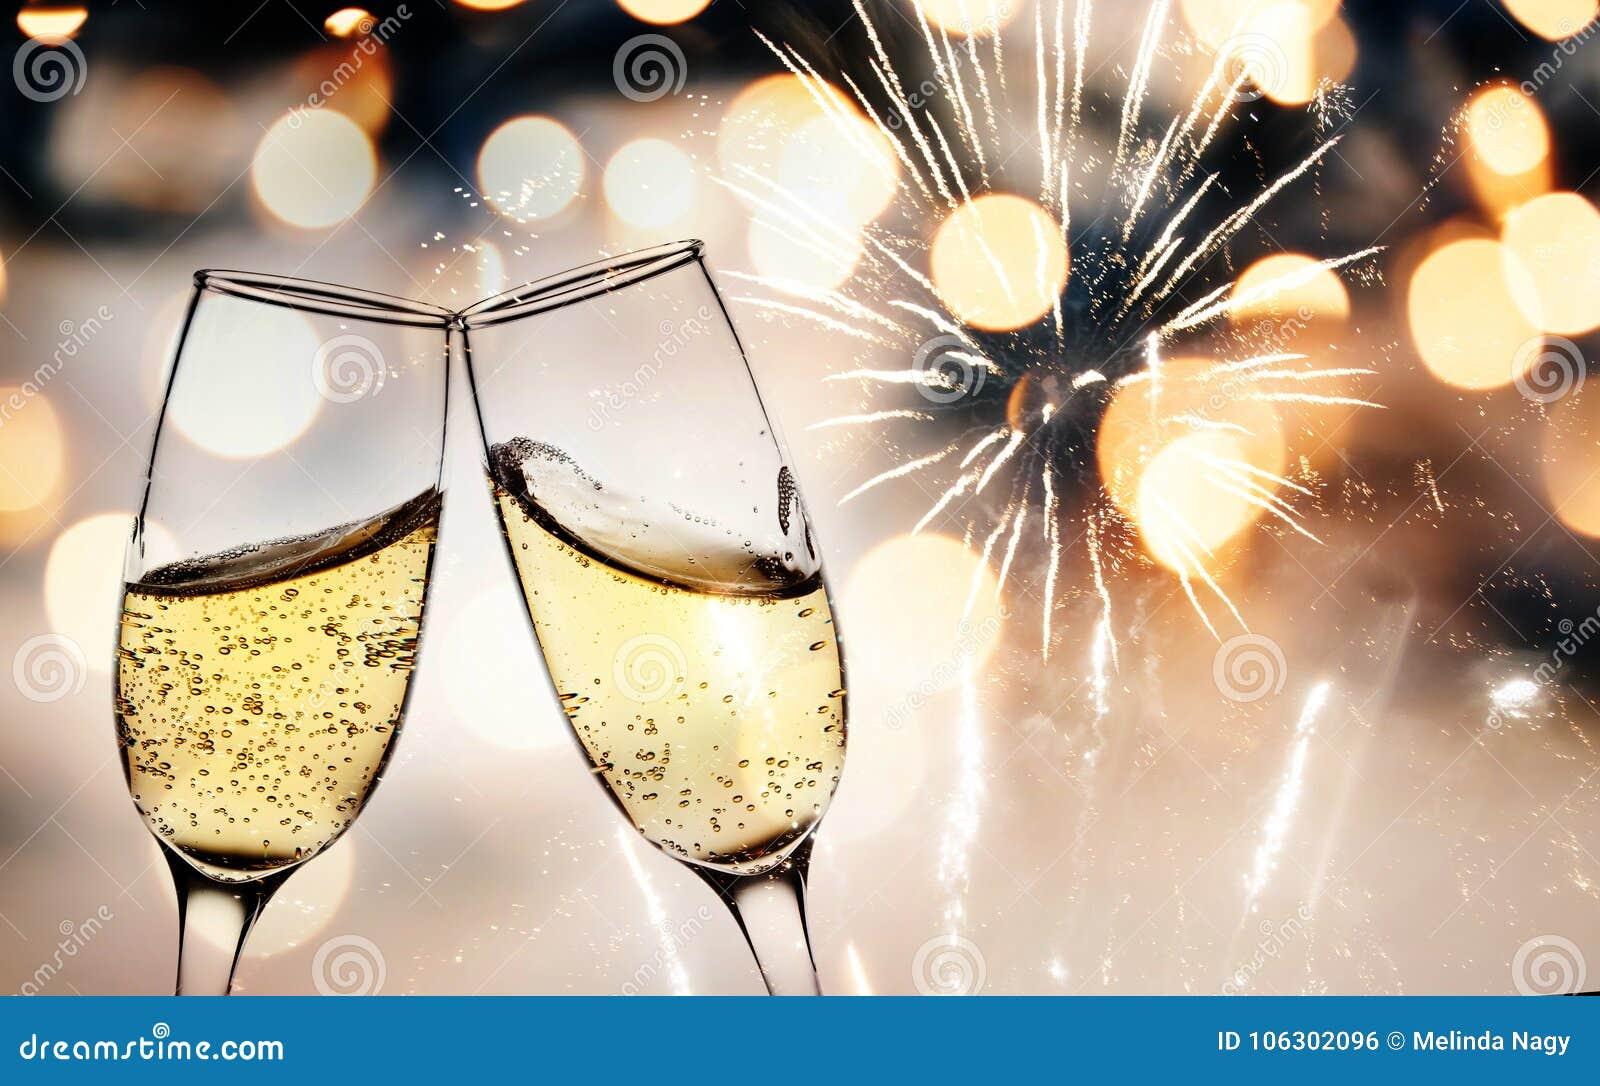 Grillage avec des verres de champagne contre des lumières de vacances et nouveau y